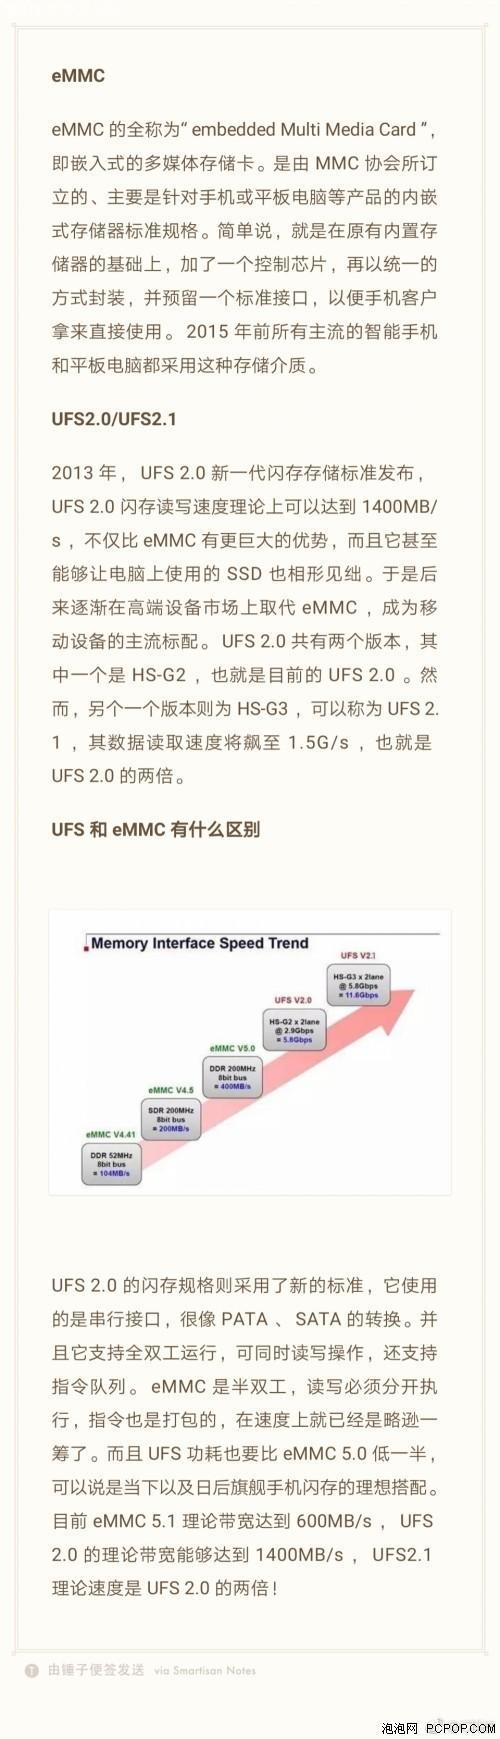 eMMC、UFS到底是啥?有何区别?